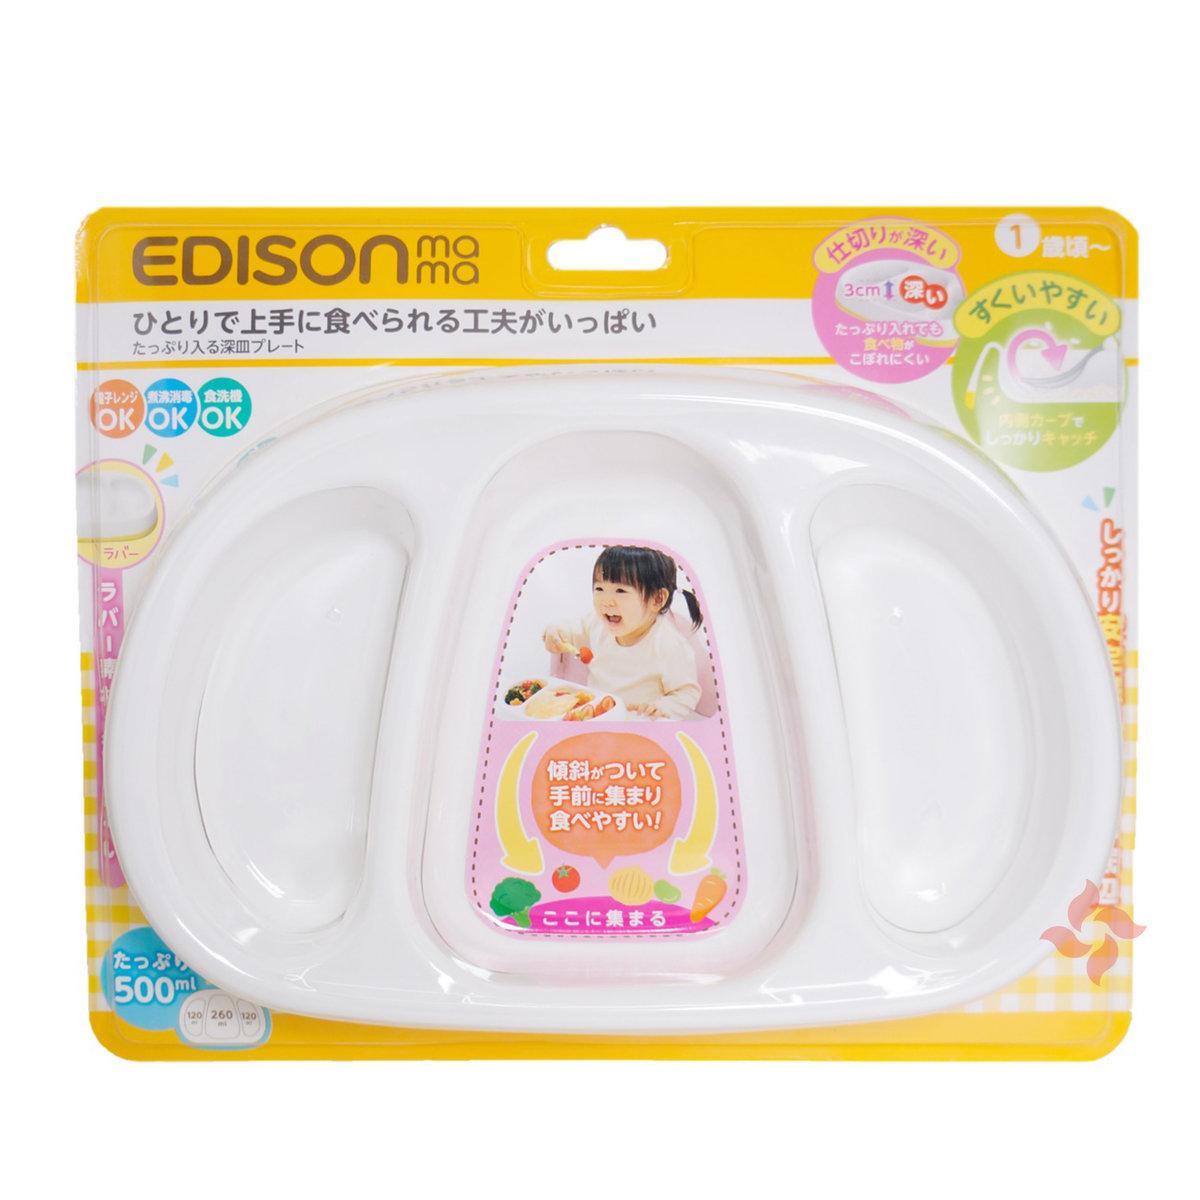 嬰幼兒學習餐盤(盤內三小格) (4544742913458)